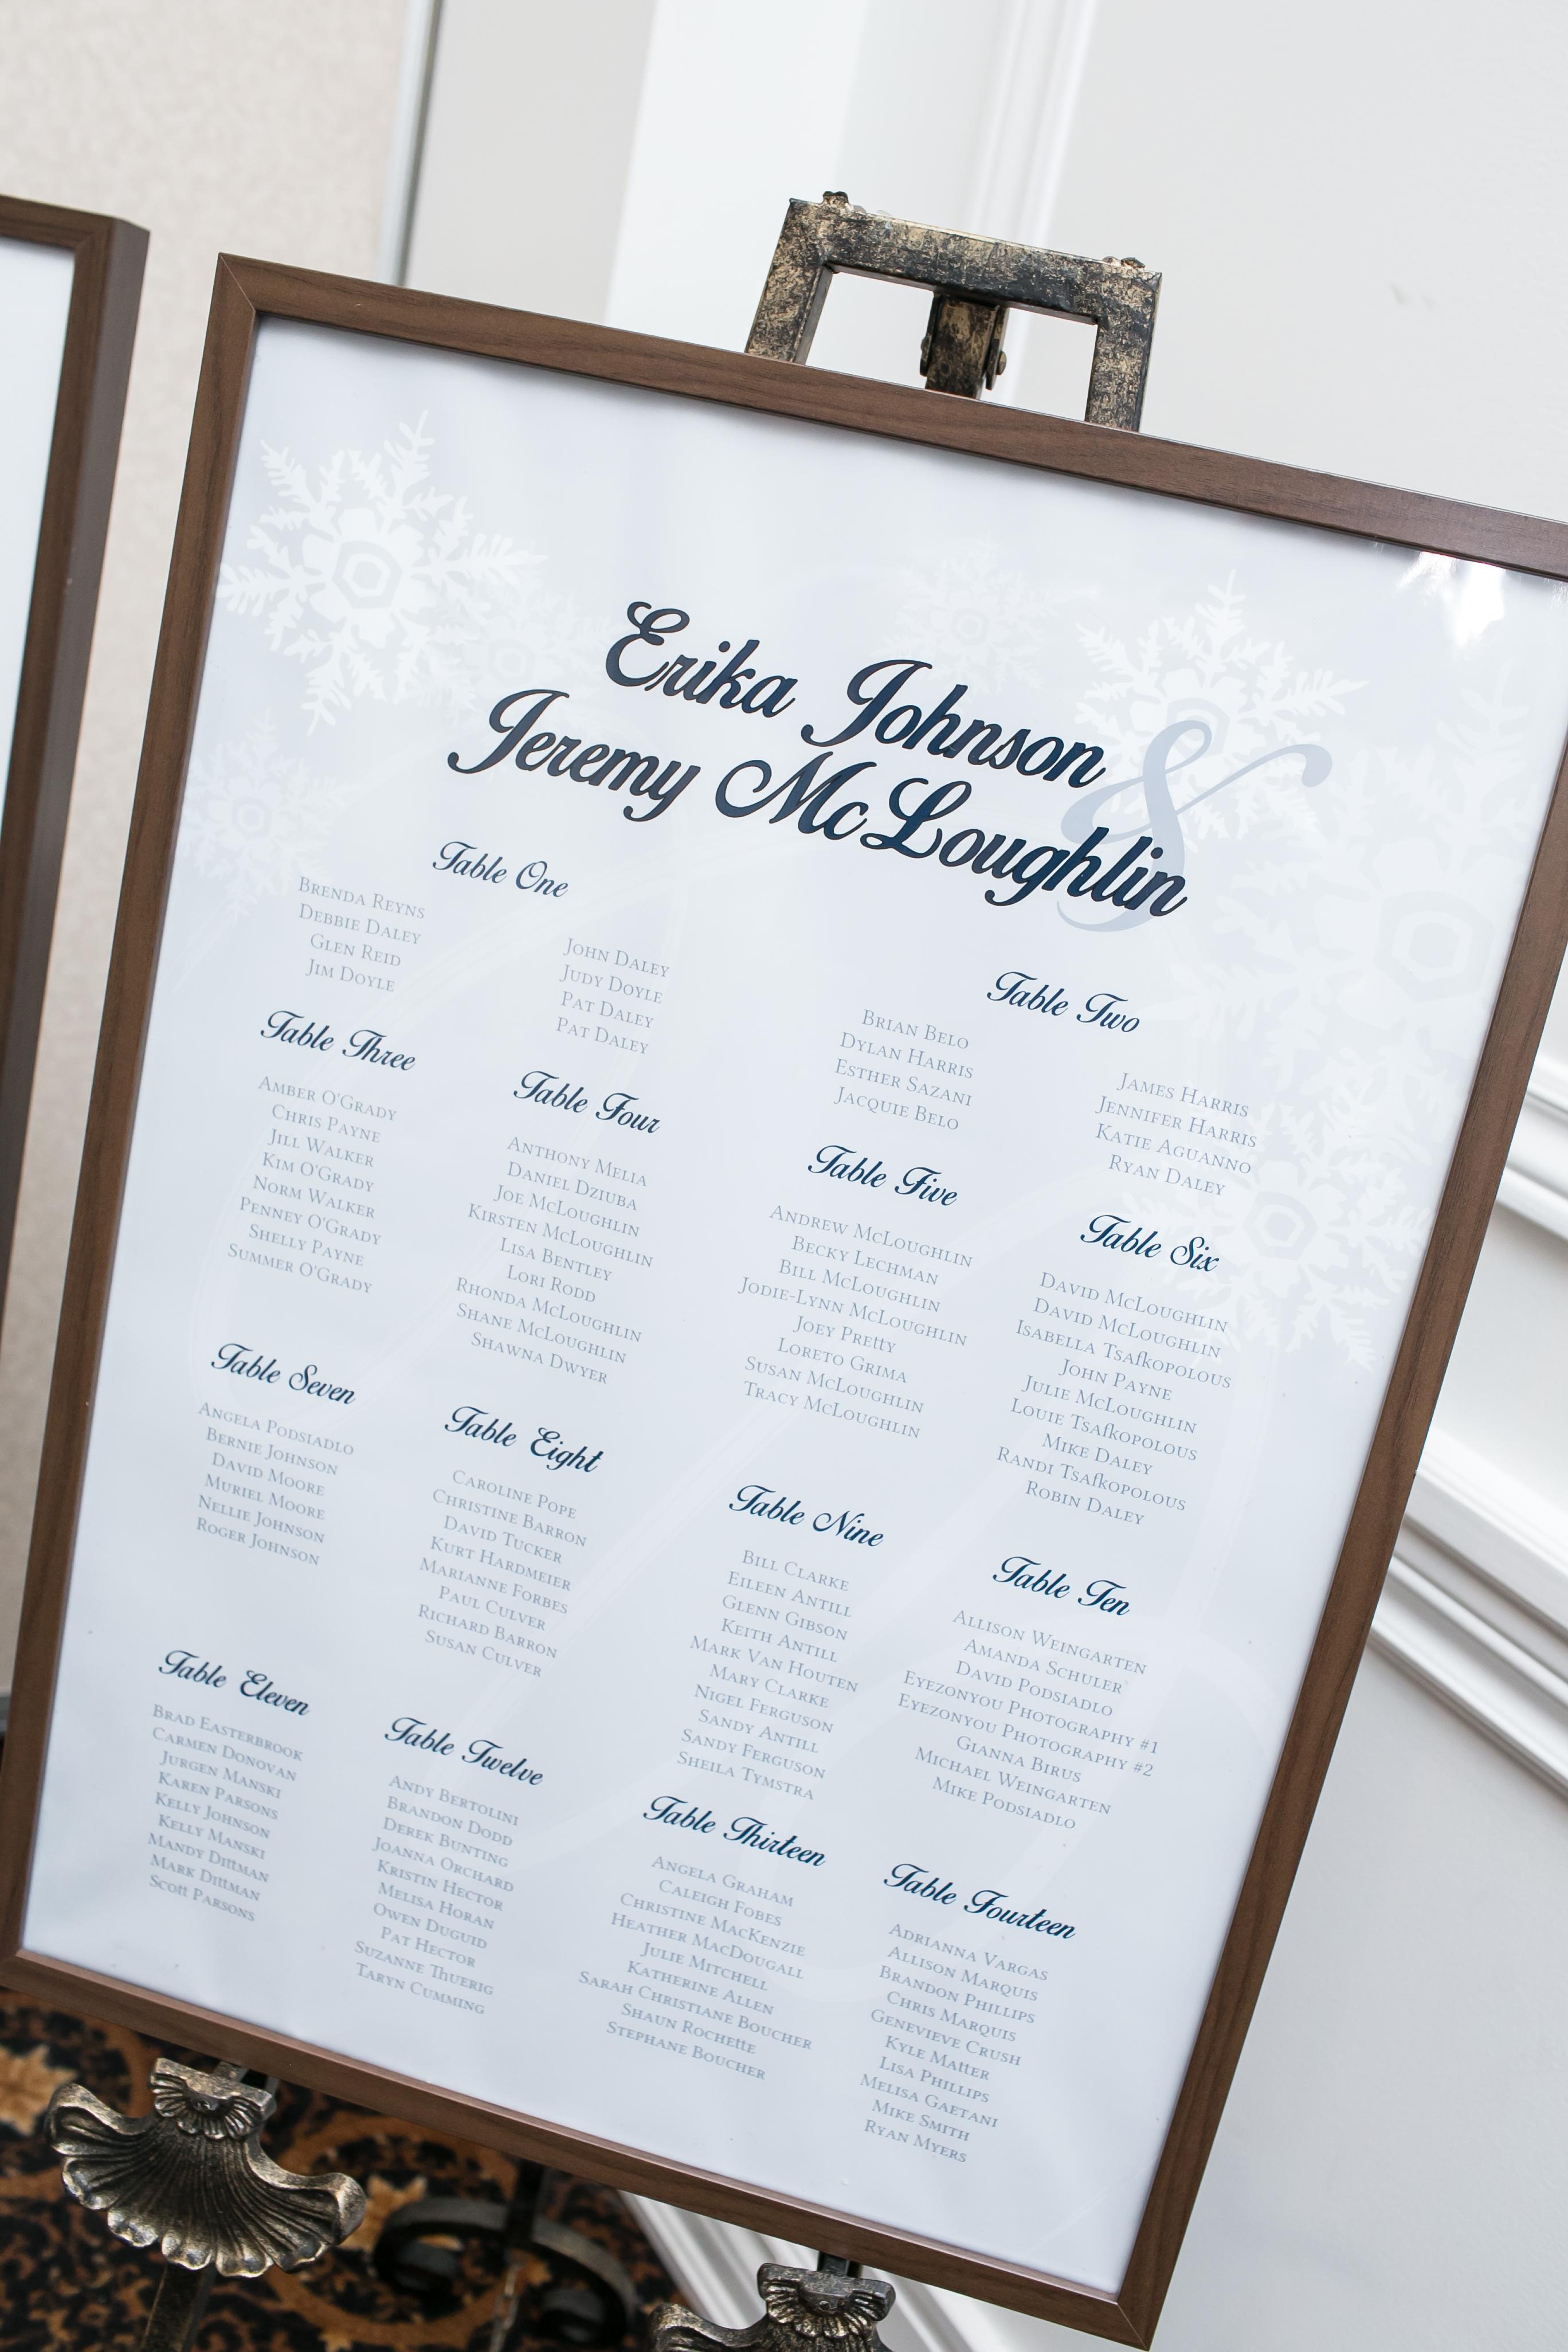 Erika and Jeremy's Wedding